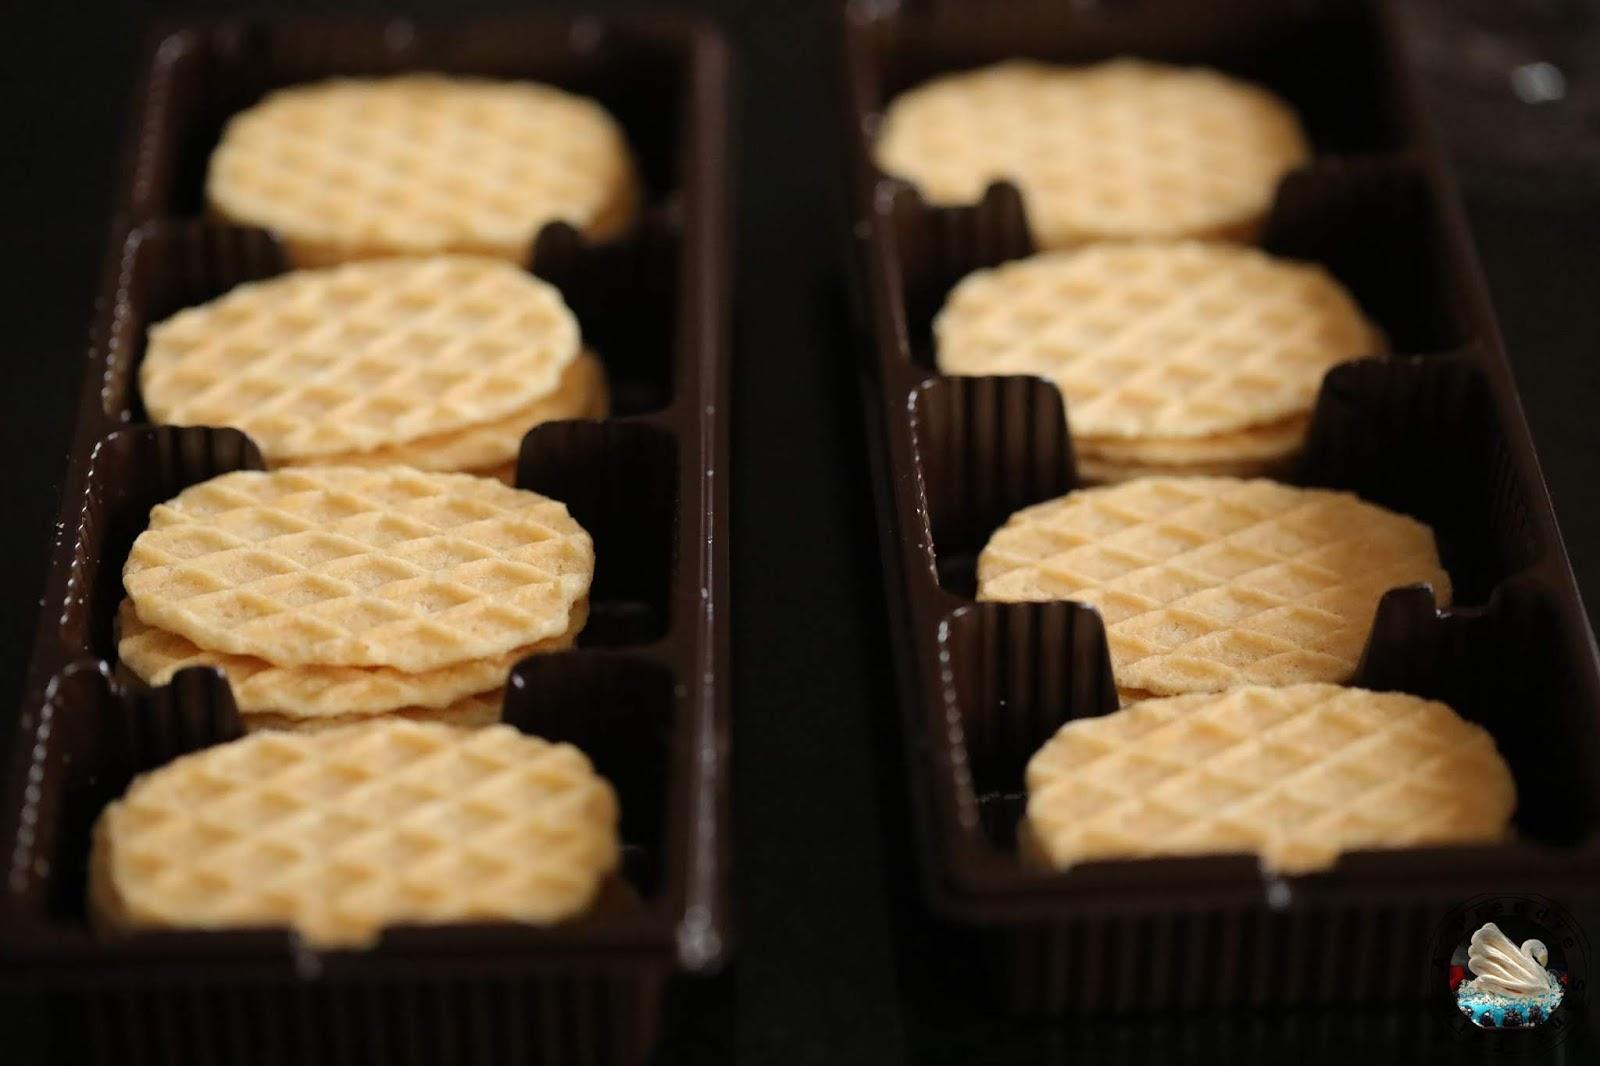 Toffee crunch gaufrette caramel